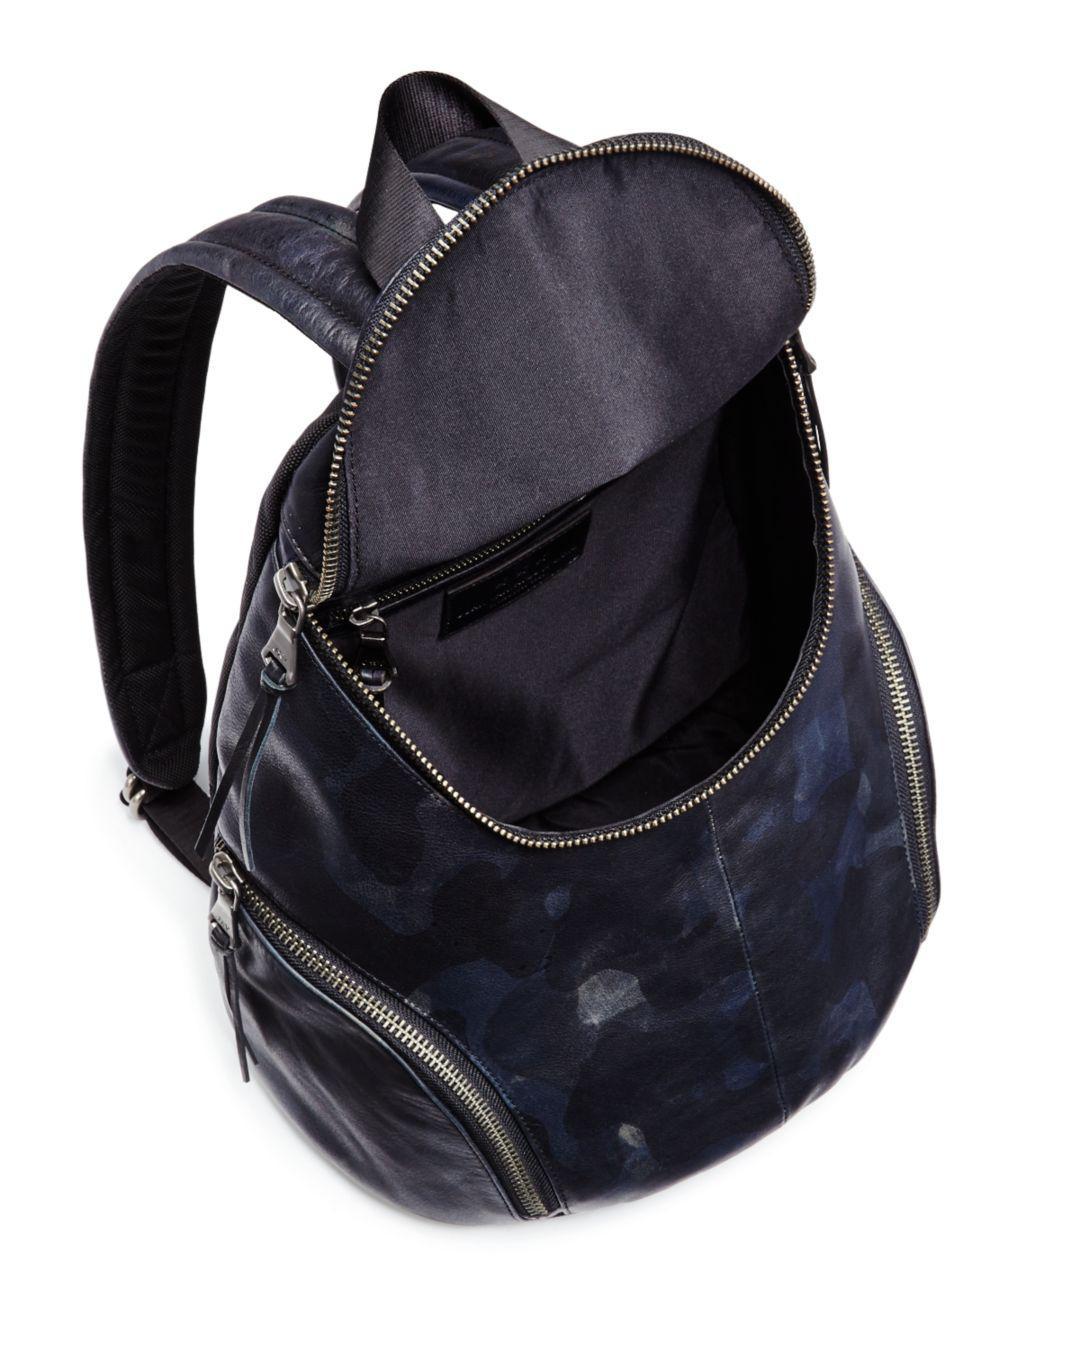 John Varvatos Brooklyn Backpack in Midnight (Blue) for Men